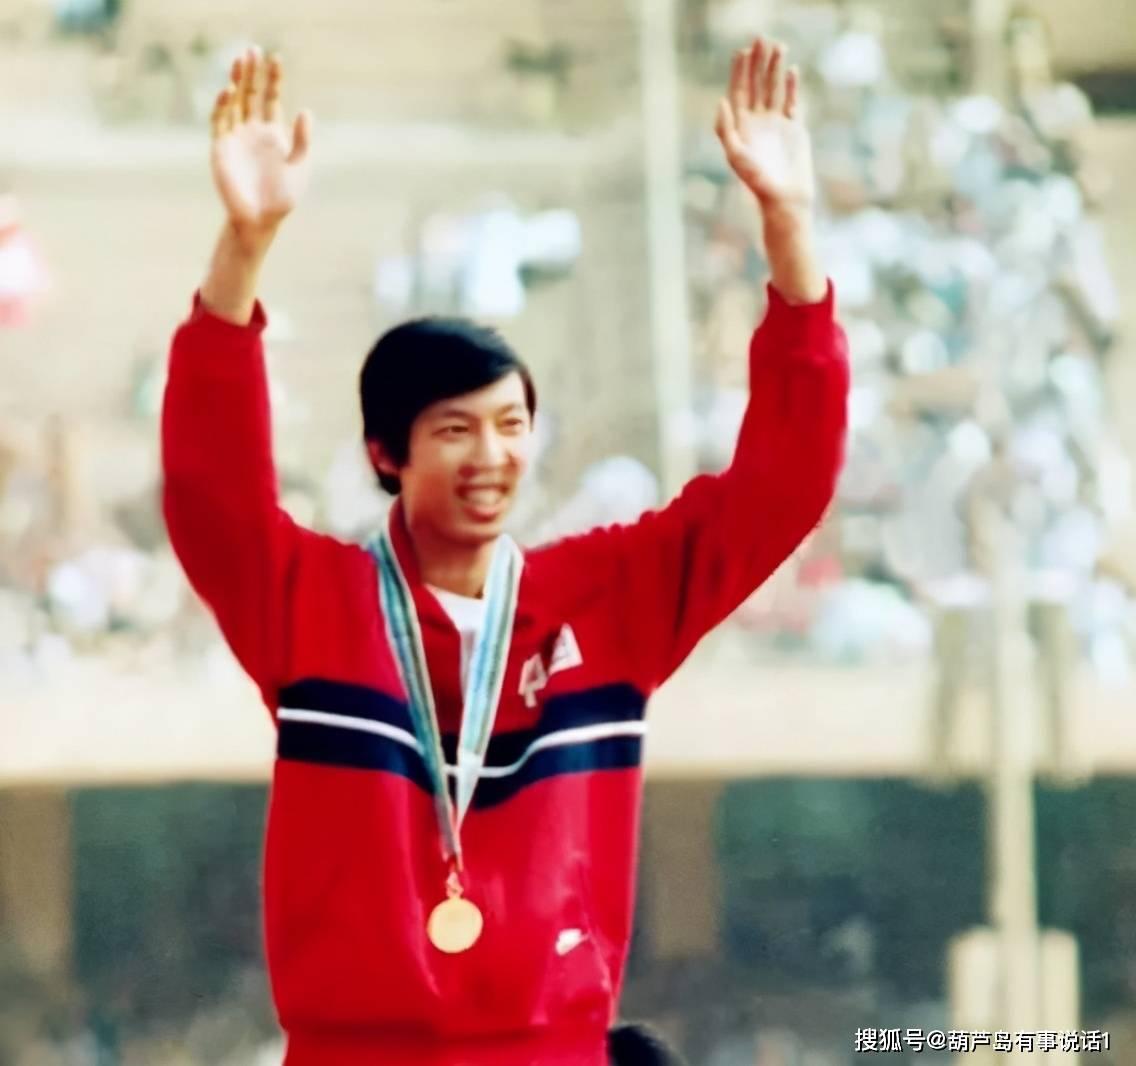 世界跳高记录最高是多少 张国伟